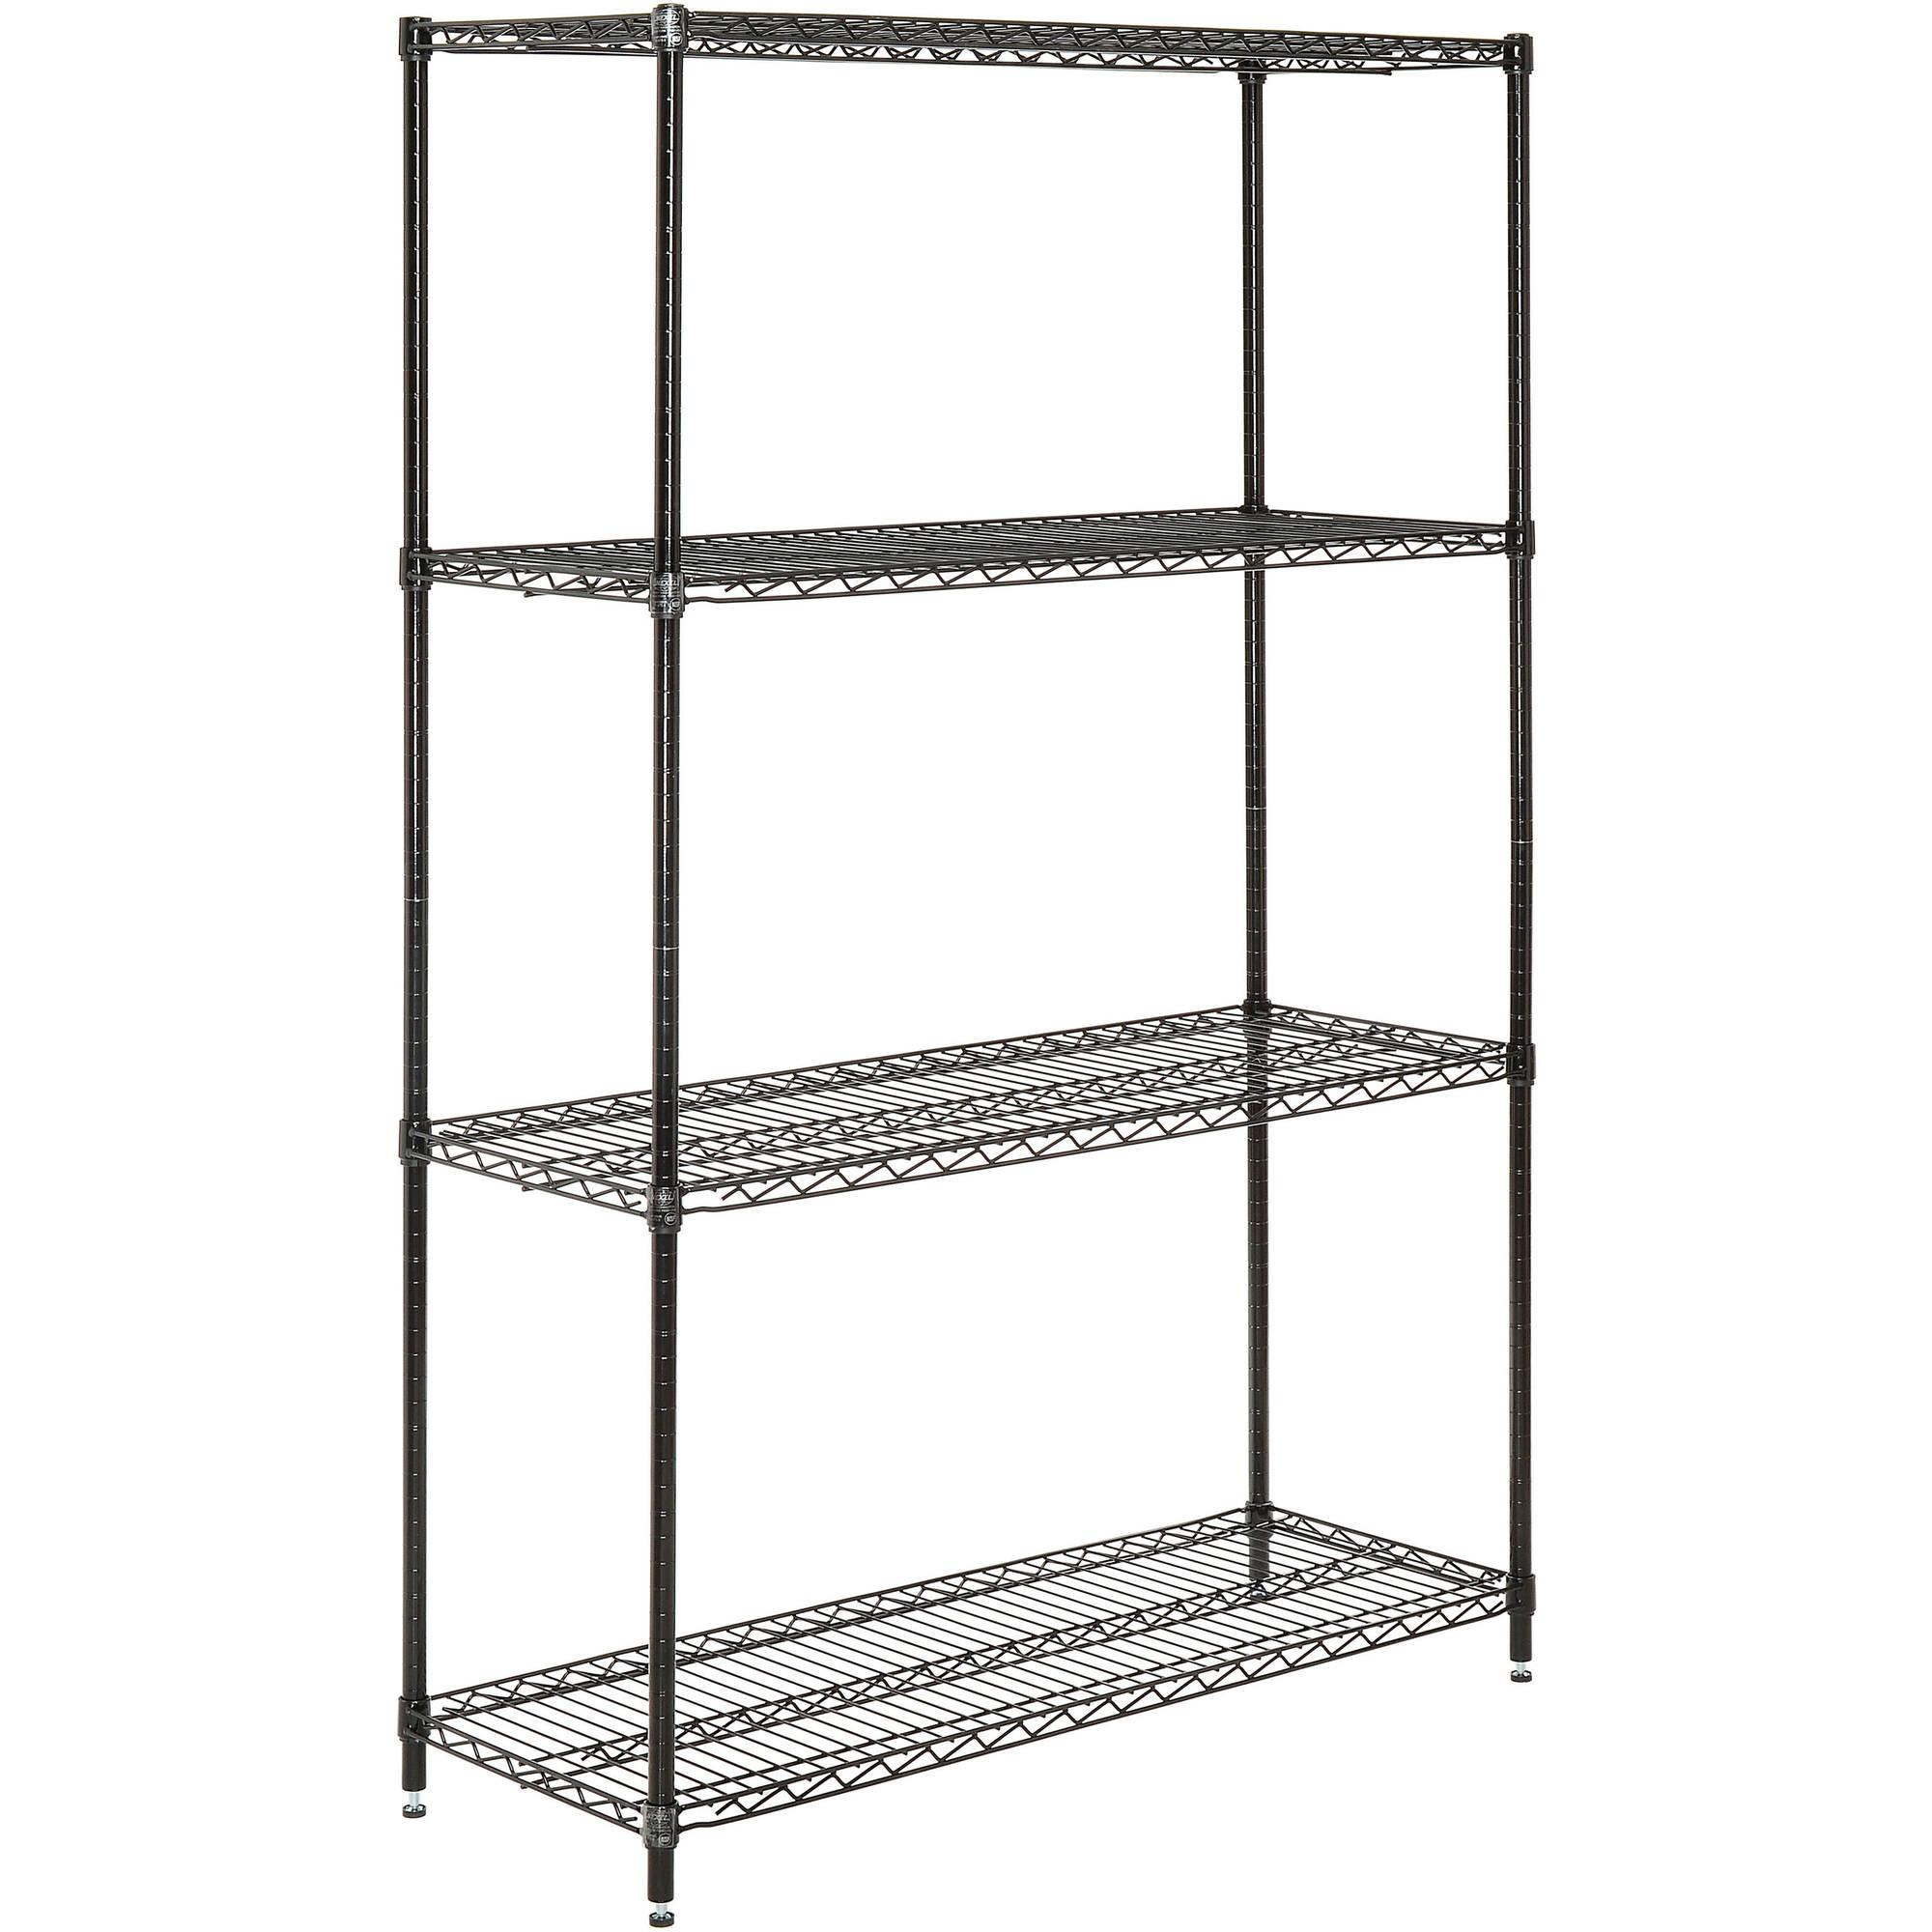 Nexel Wire Shelving Unit, Multiple Sizes Available, Black Epoxy Finish